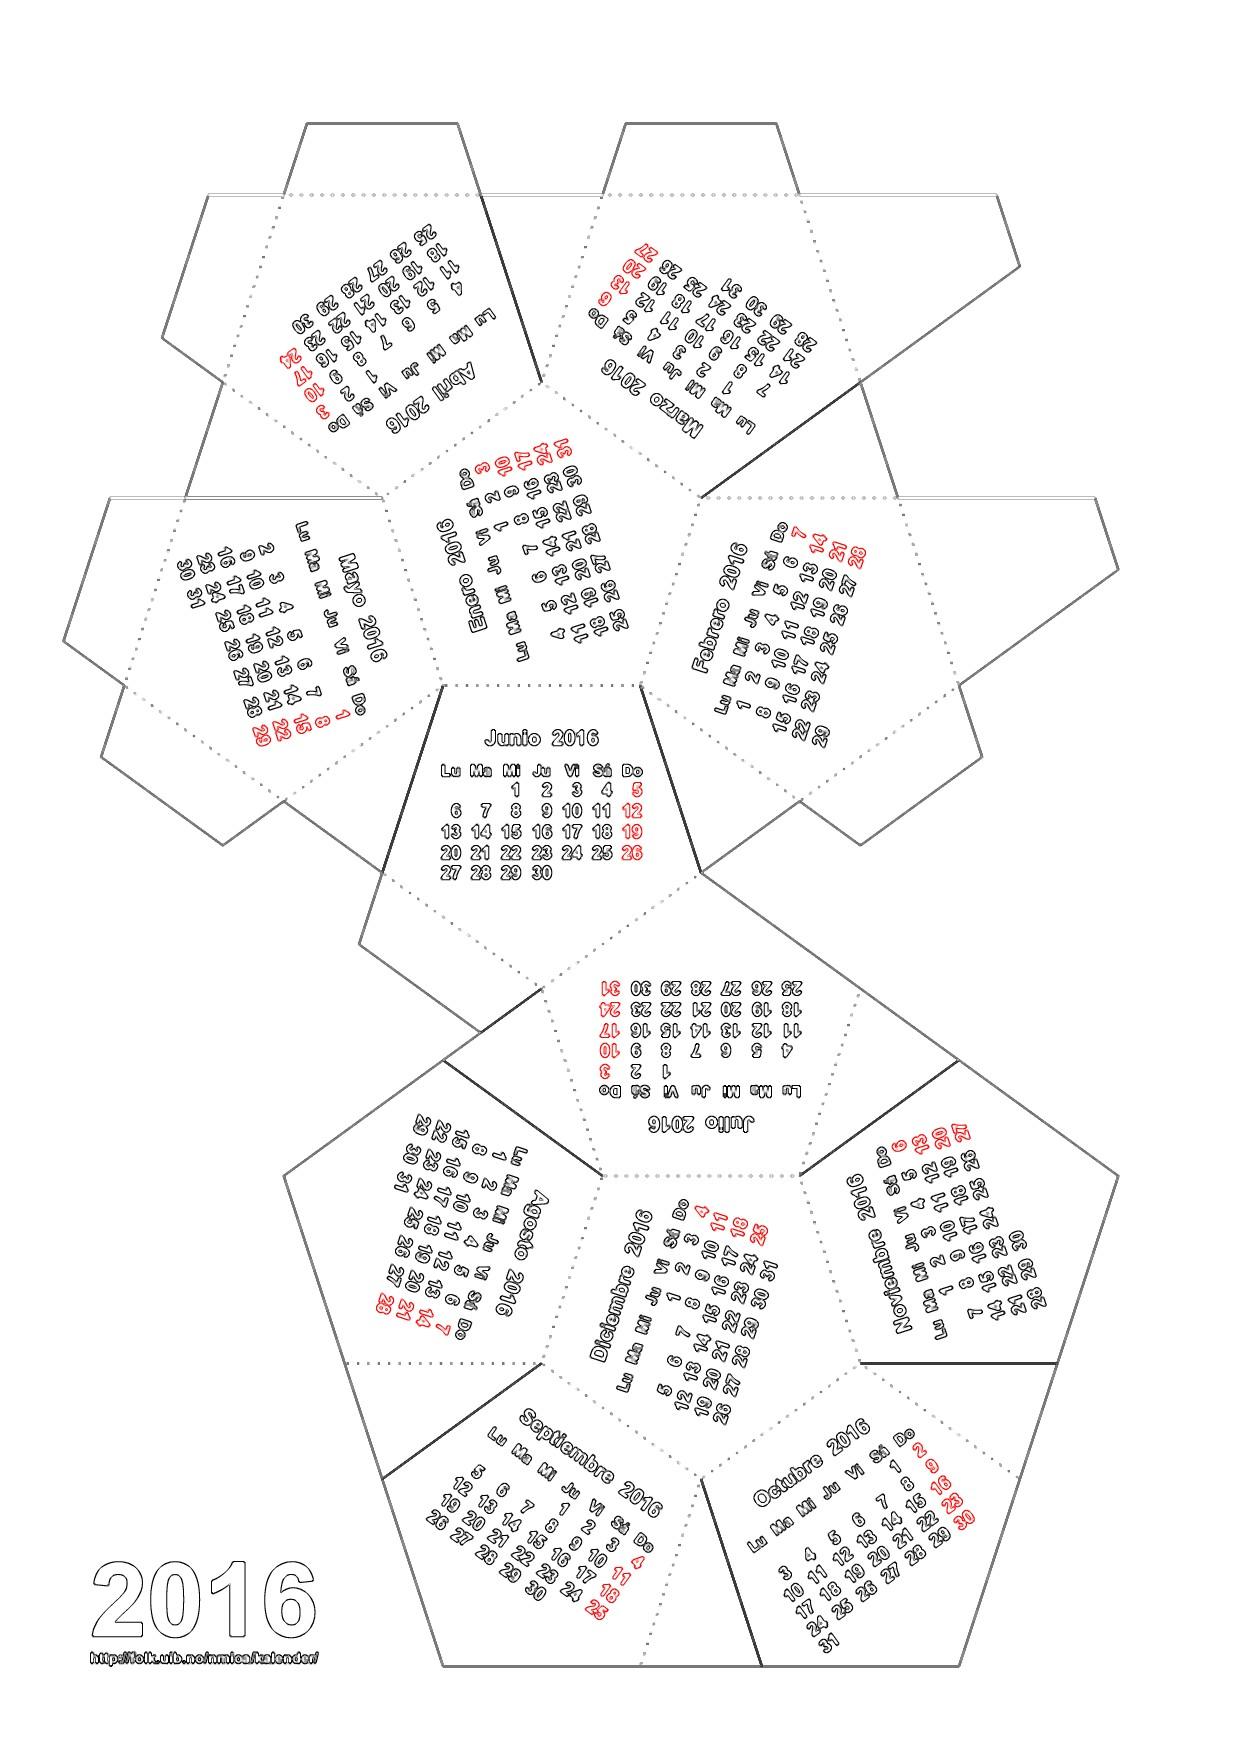 Calendario Agosto Para Imprimir 2016 Más Arriba-a-fecha Calendario 2016 Para El Arbolito Dodecaedro Para Jefaturas Of Calendario Agosto Para Imprimir 2016 Más Recientes Calendario Para El A±o 2018 Con Manzanas En La Rama De Agosto — Foto